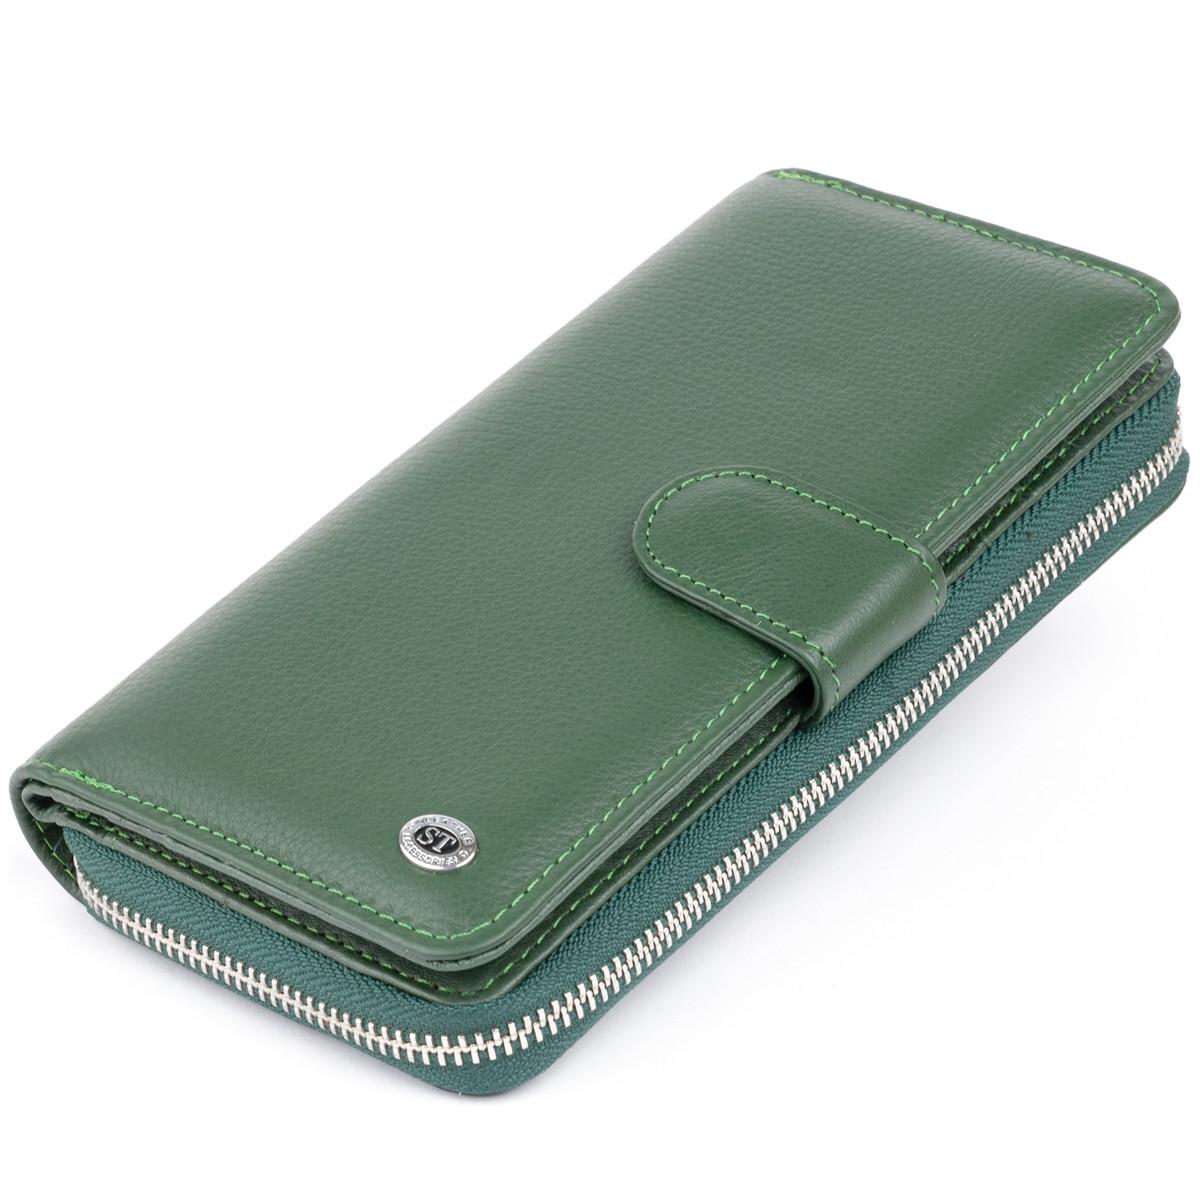 Вертикальний місткий гаманець зі шкіри унісекс ST Leather 19304 Зелений